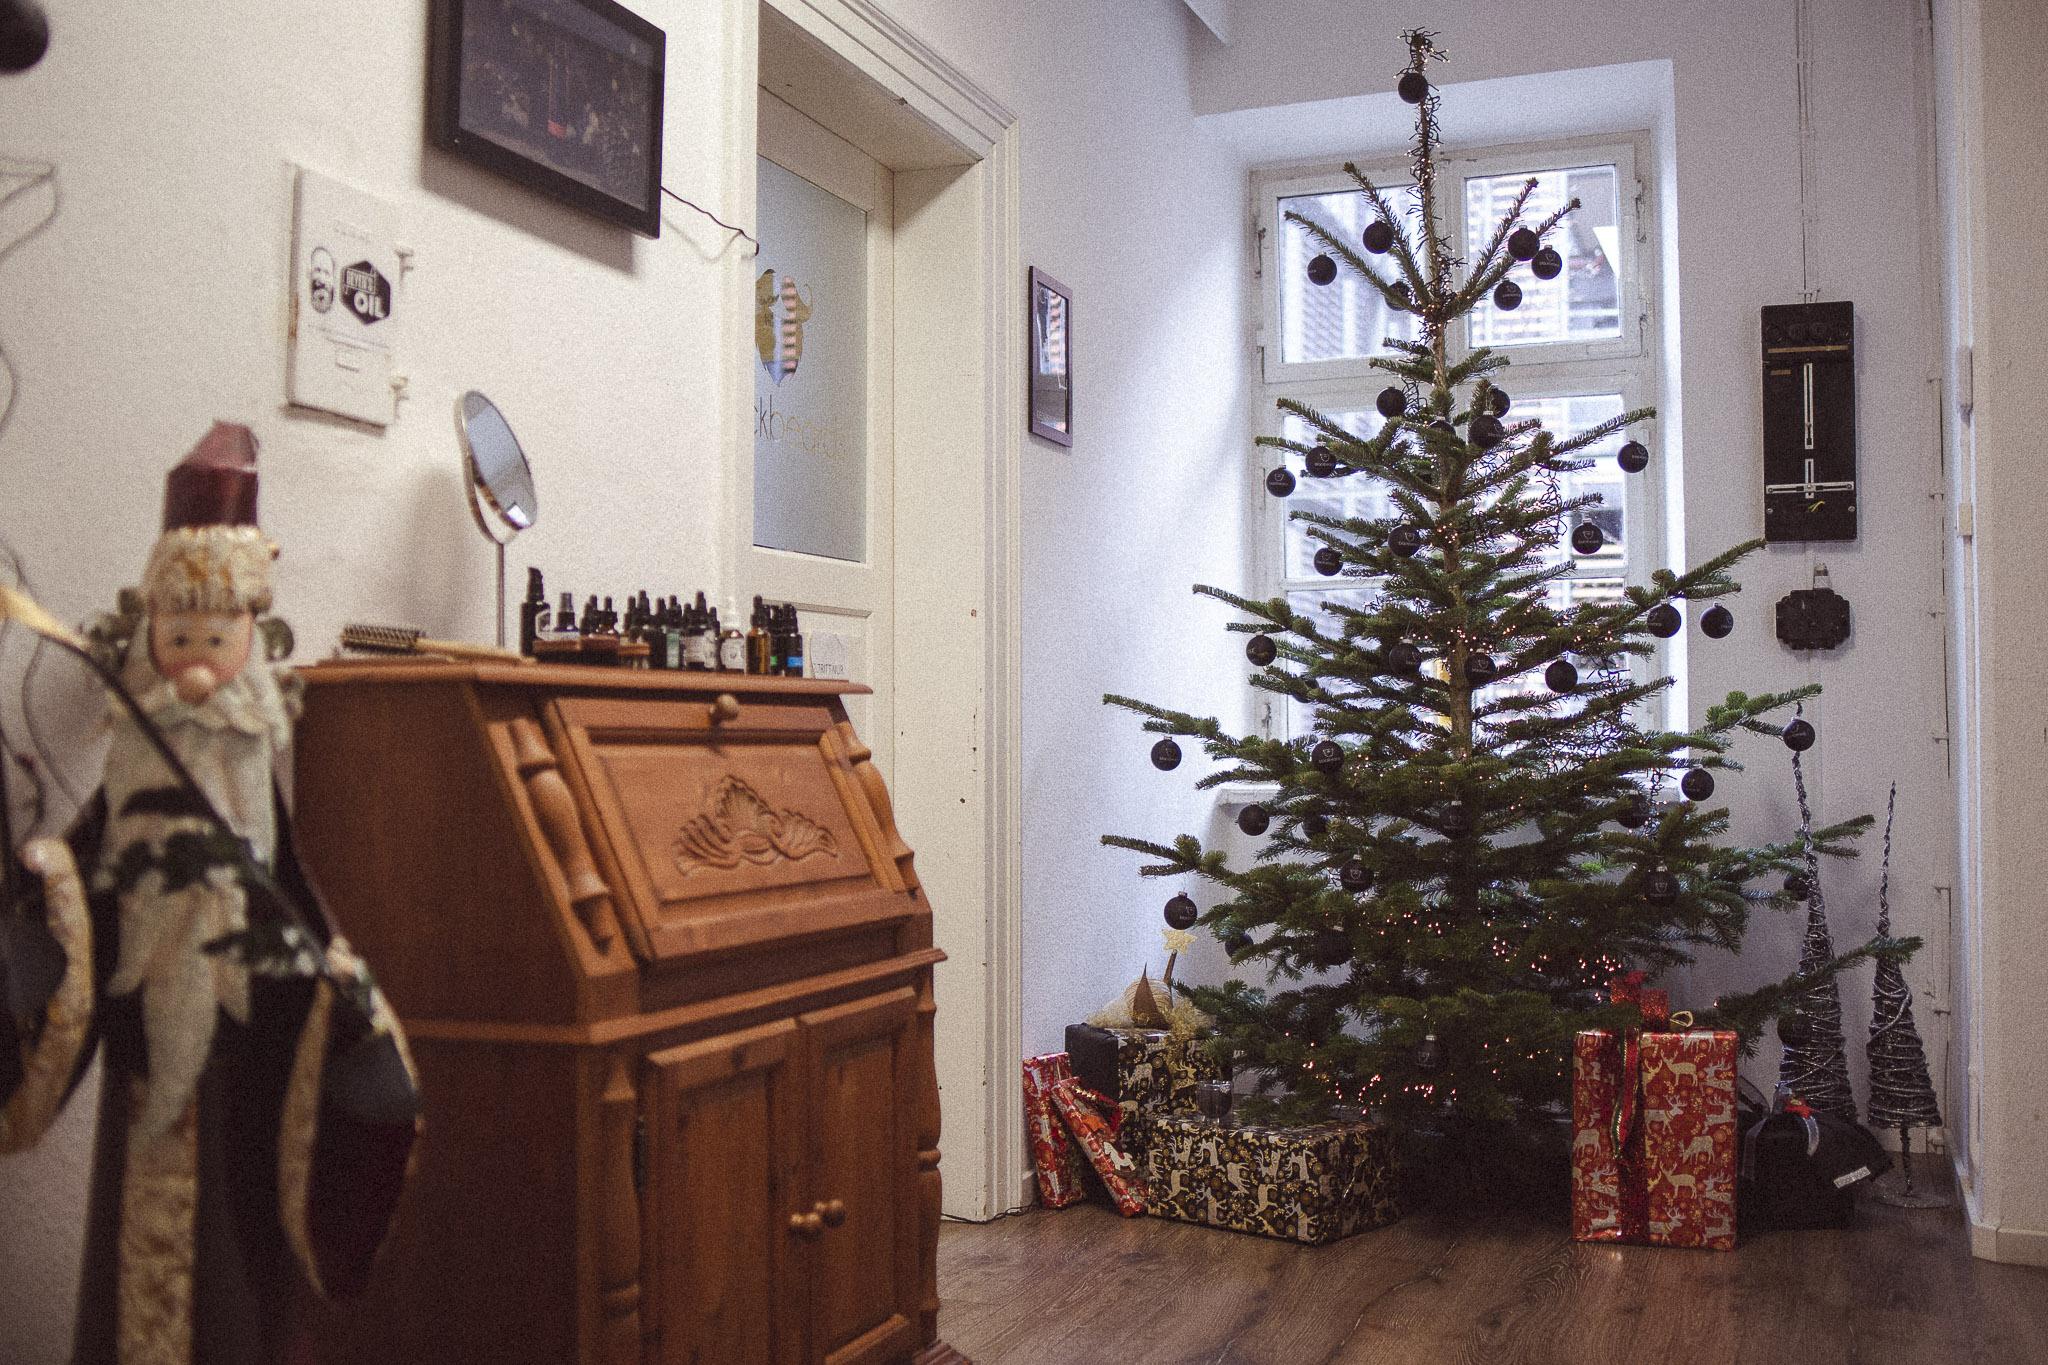 Dein Einkauf in der Weihnachtszeit bei den blackbeards.